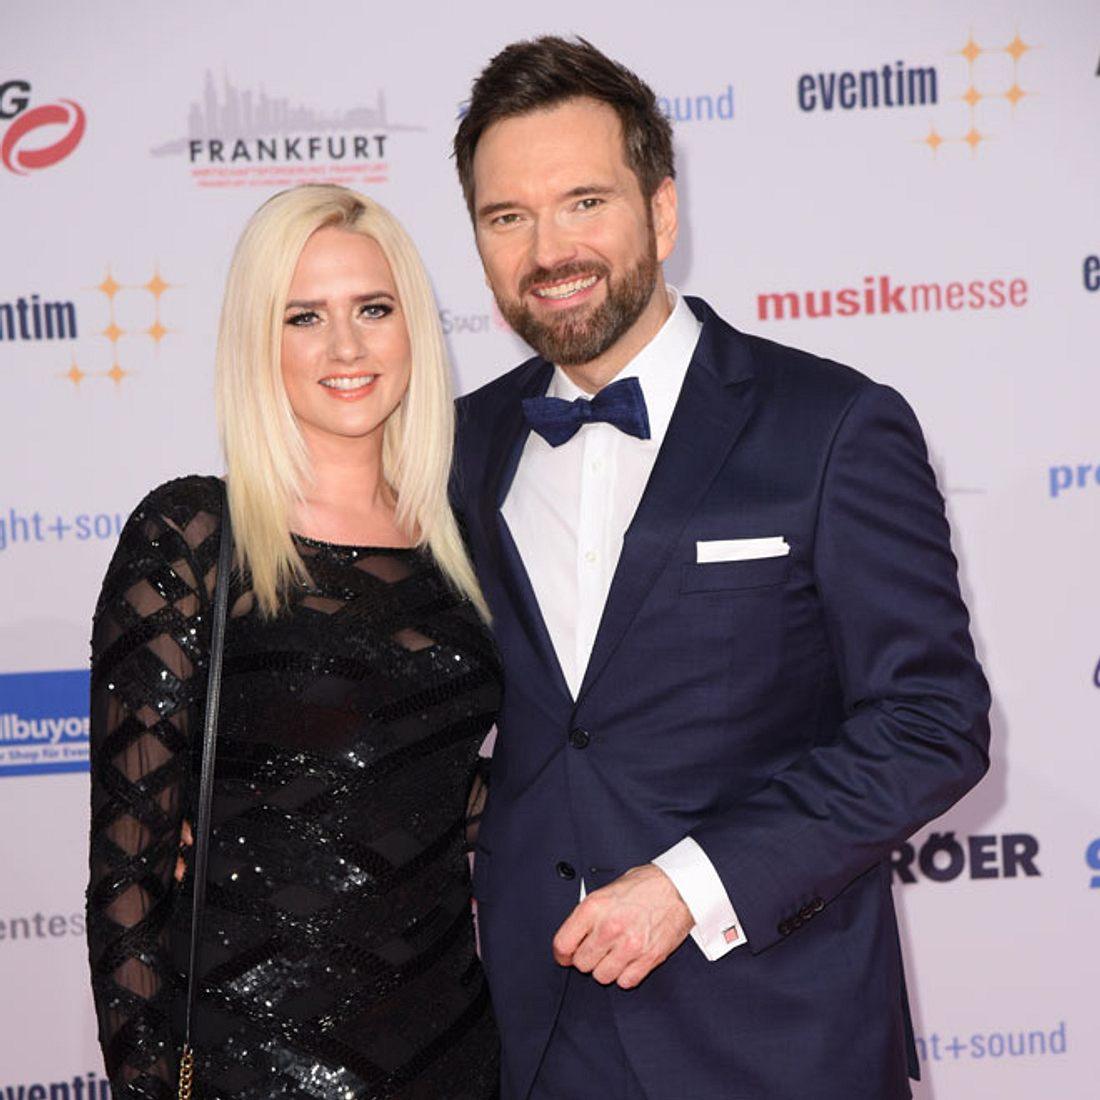 Promi Big Brother 2017: Trennung bei Sarah Knappik und Ingo Nommsen?